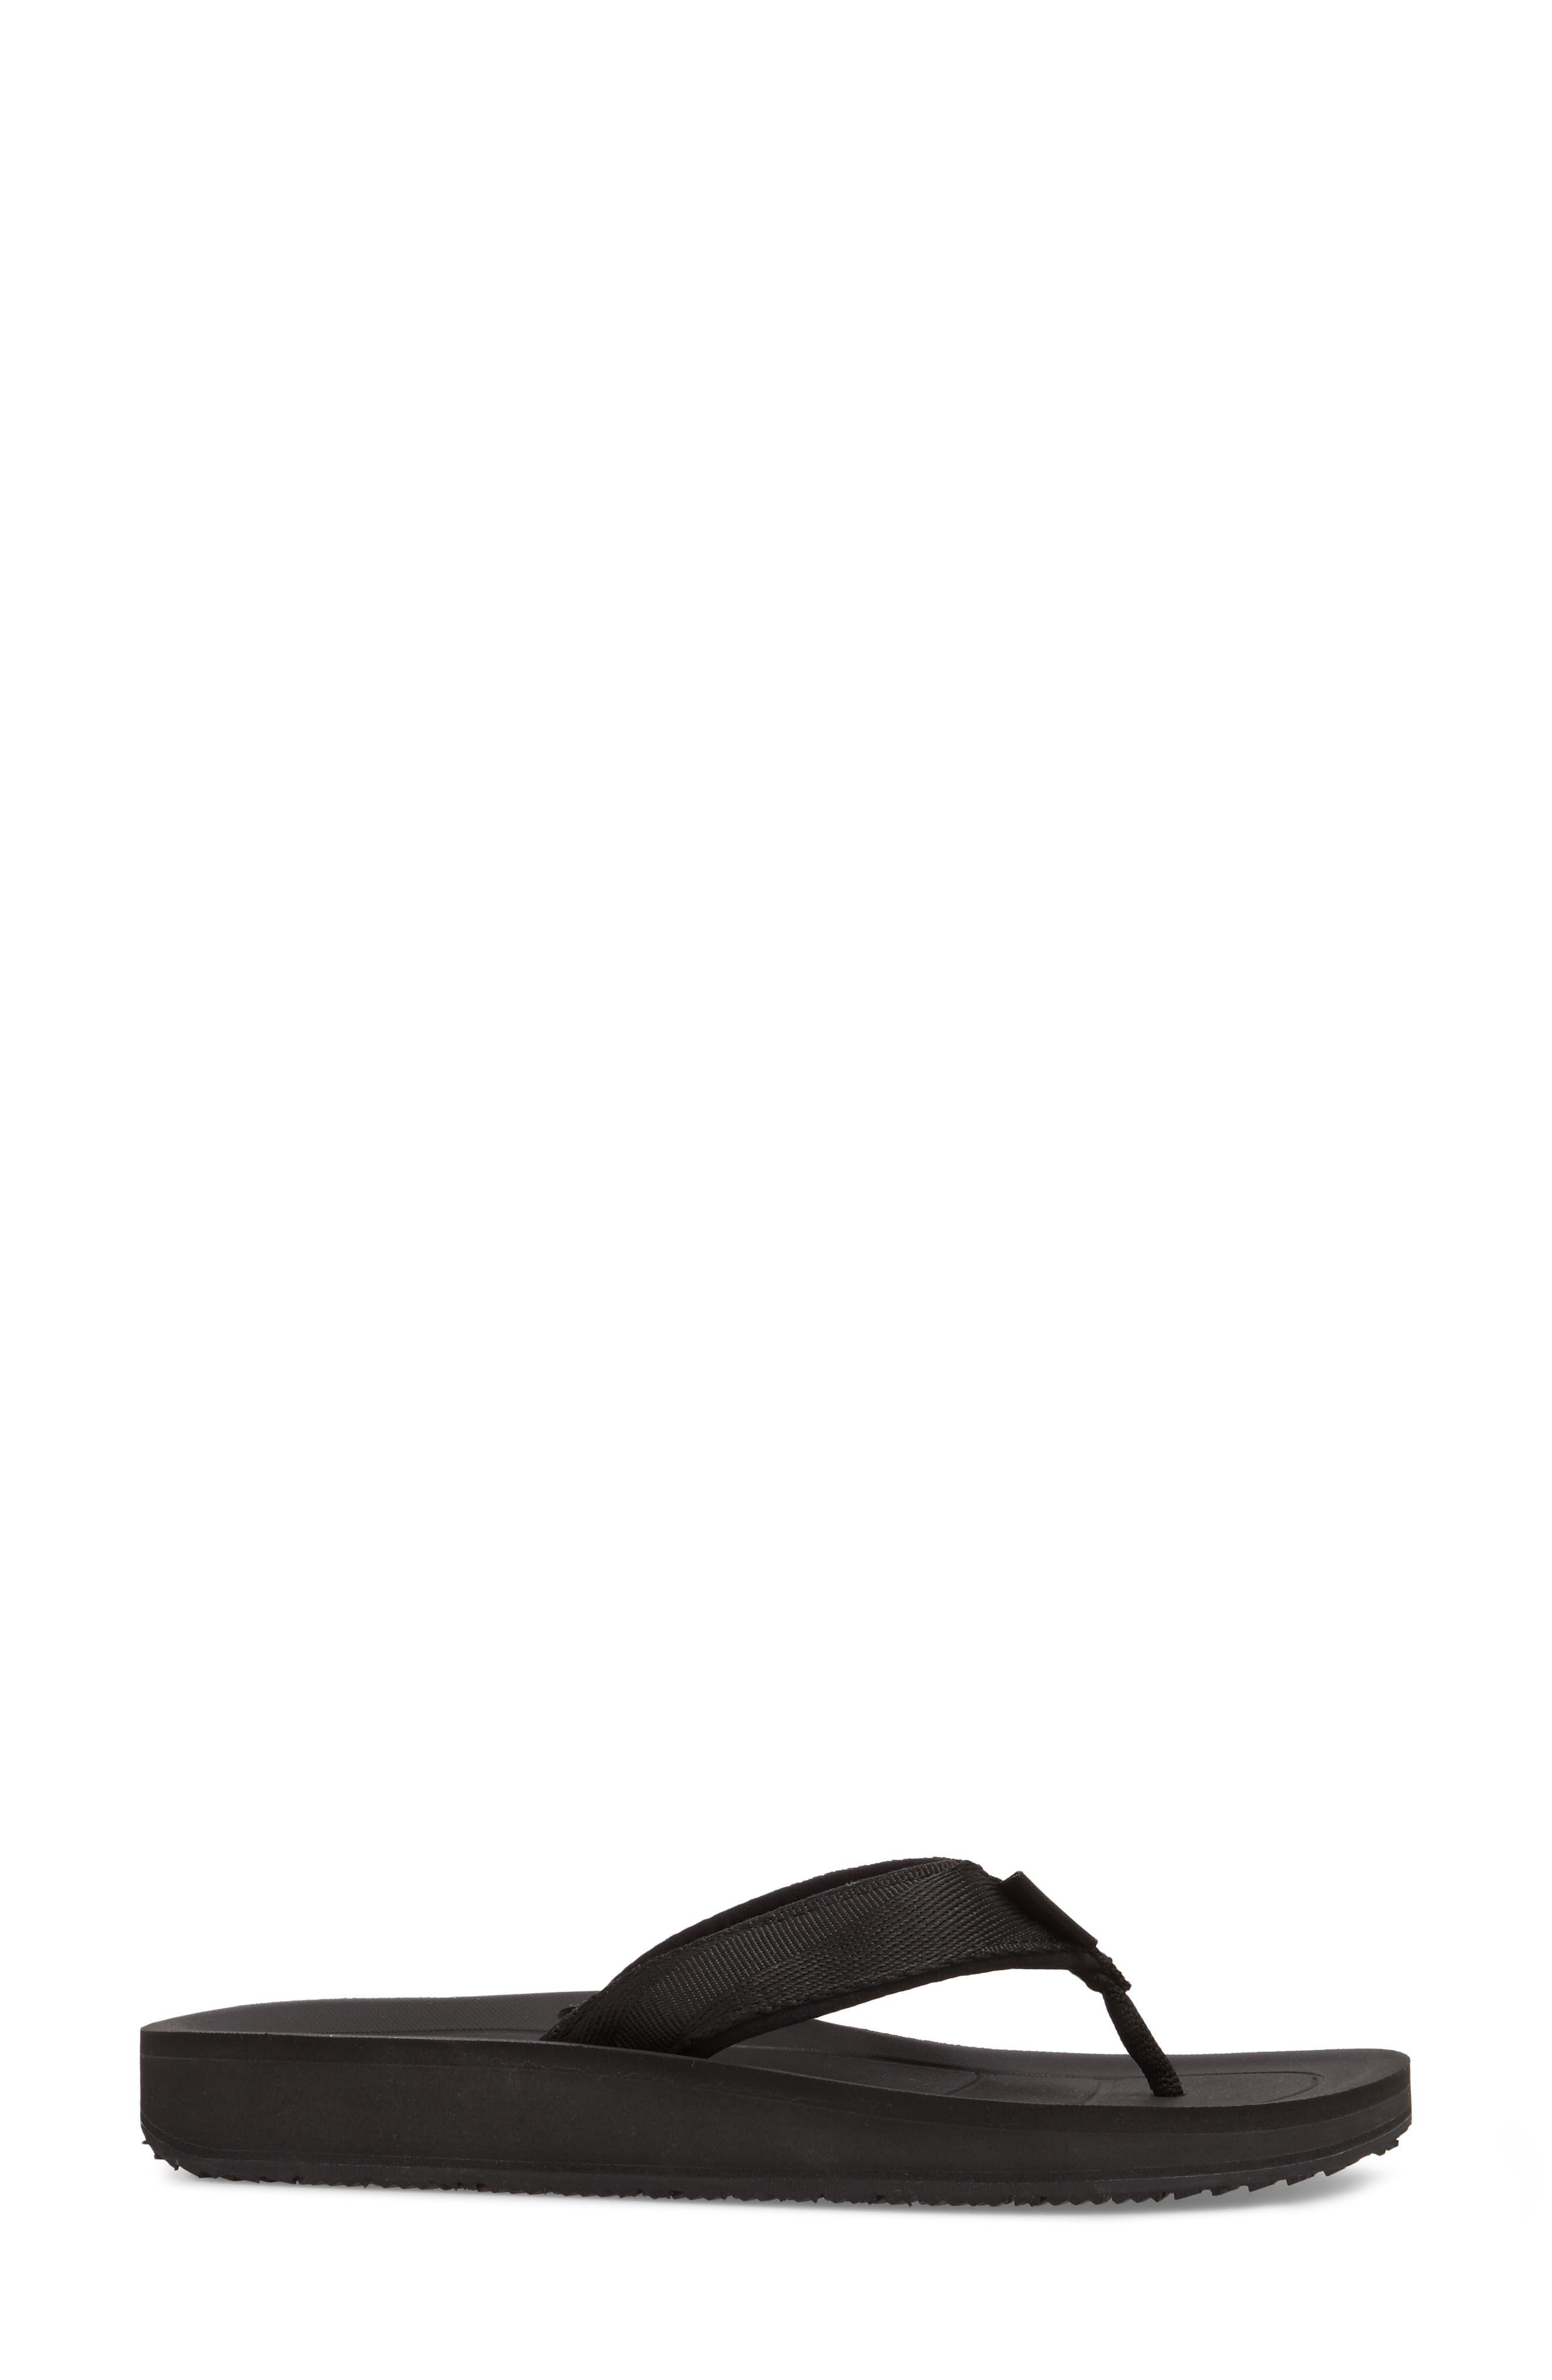 Alternate Image 3  - Teva Flip Premier Sandal (Women)